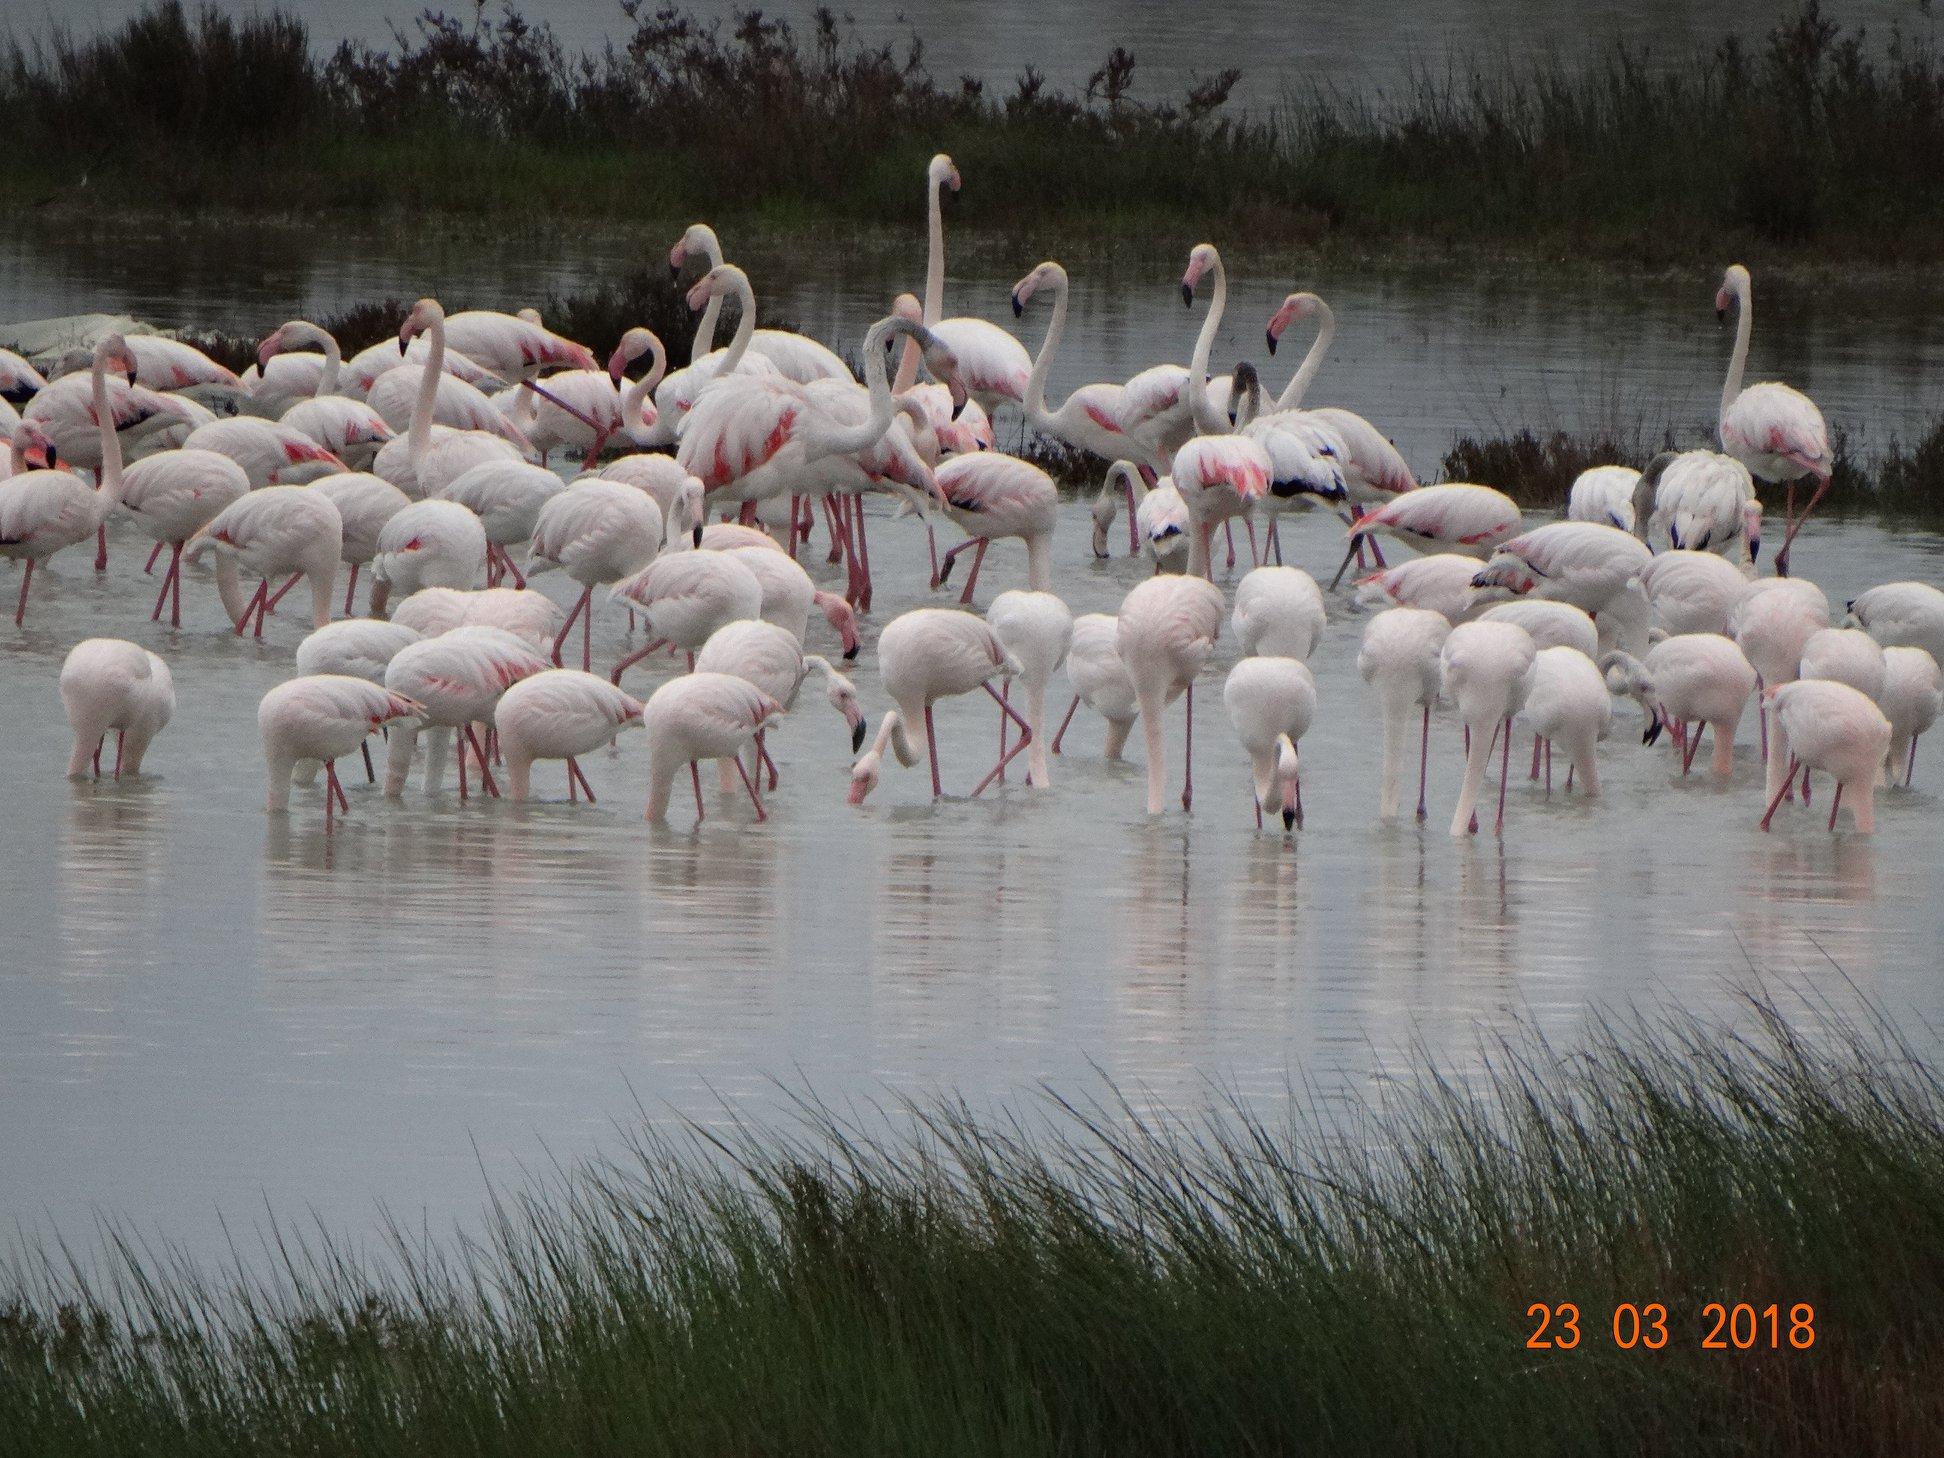 entyposiakes-eikones-apo-tin-afixi-ton-roz-flamingko-sti-limnothalassa-tis-leykimmis6